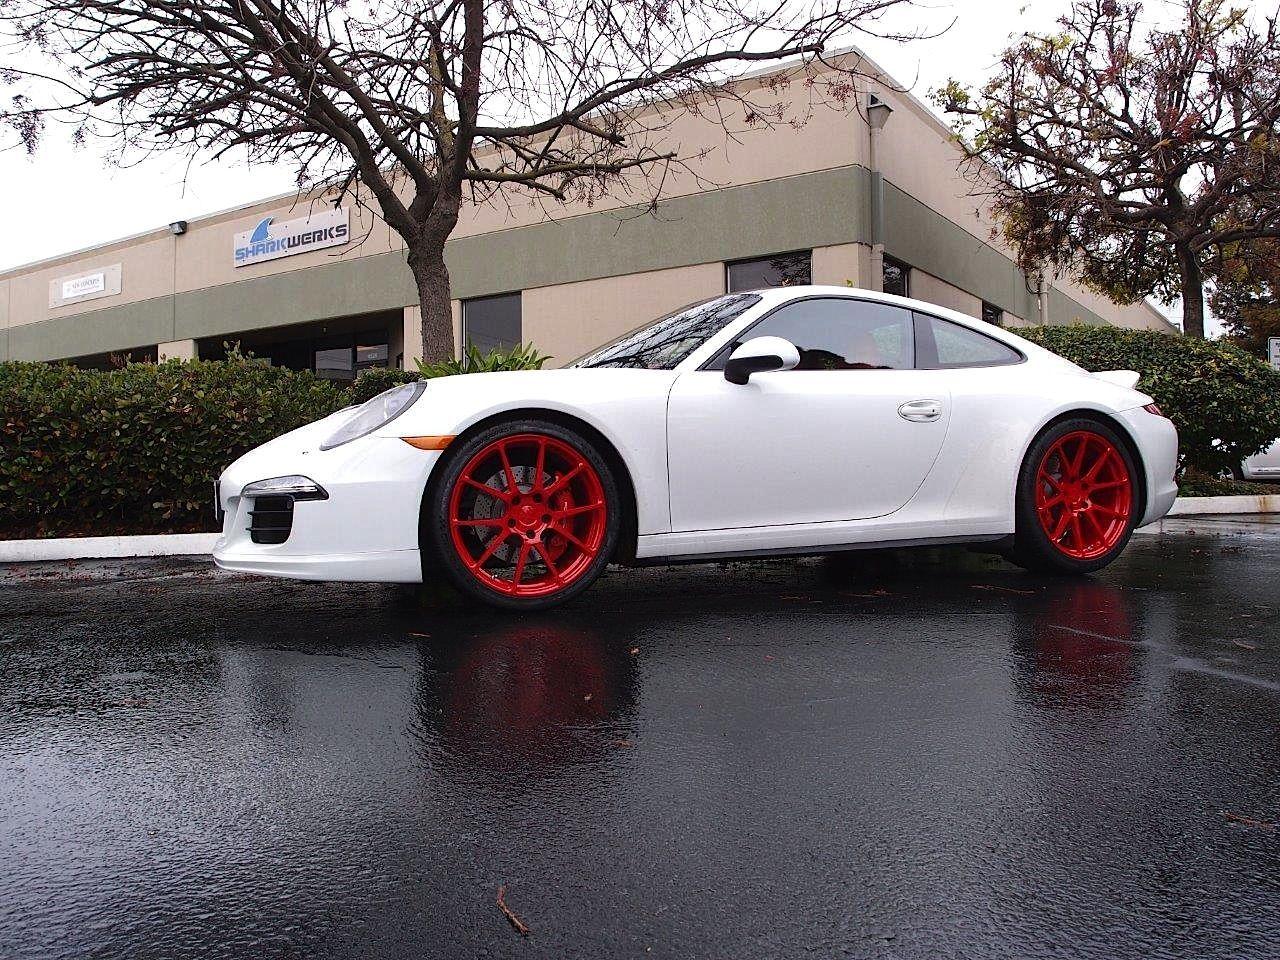 2015 Porsche 911 | Sharkwerks Porsche 991 C4S on Forgeline One Piece Forged Monoblock GA1R Wheels